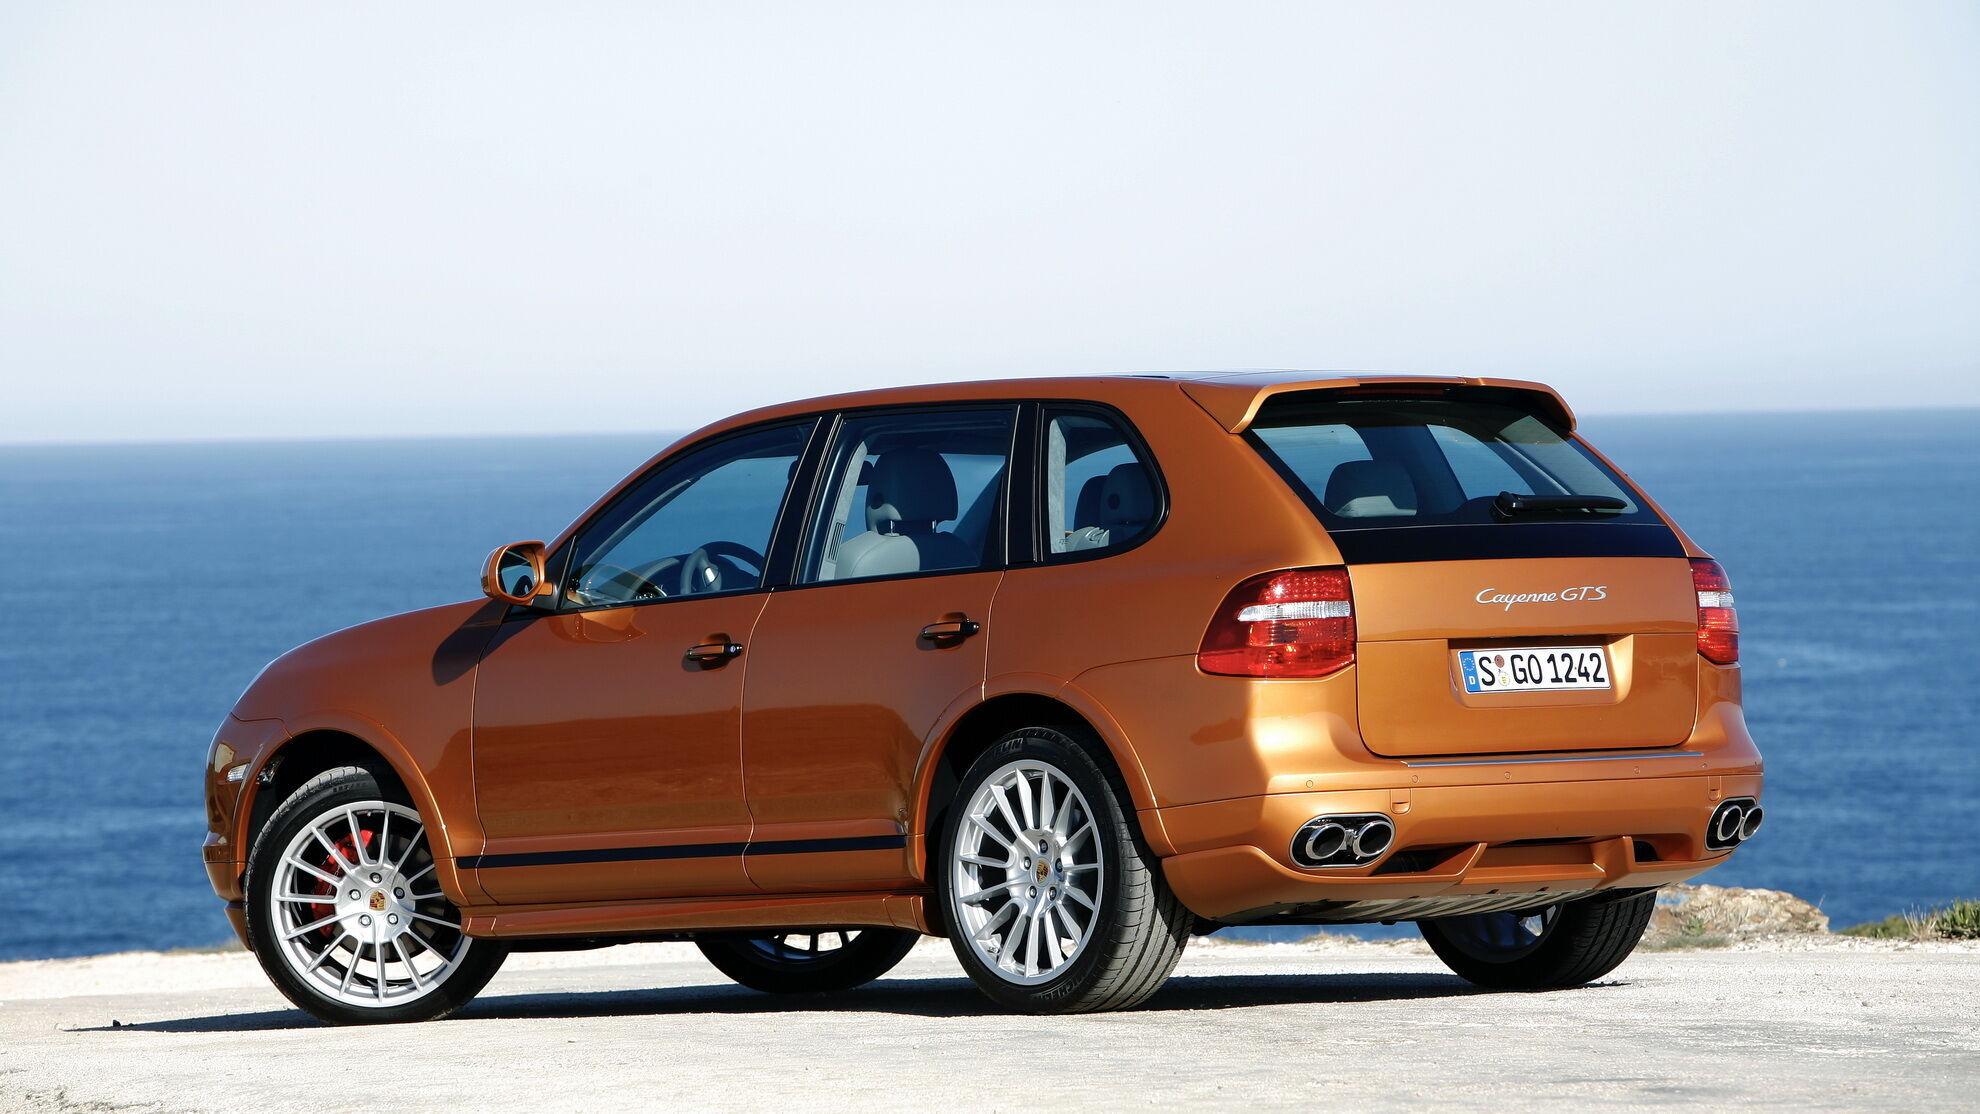 У 2007 році в сімействі з'явилася версія Cayenne GTS